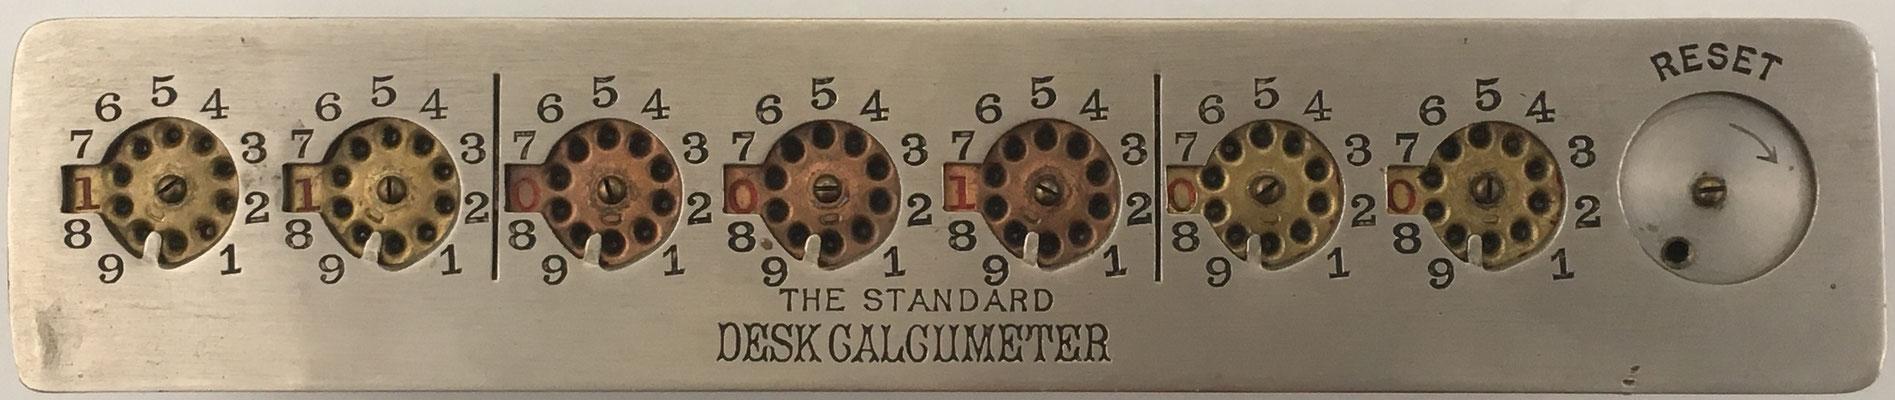 The Standard DESK CALCUMETER, fabricado por Herbert North Morse (Trenton, Nueva Jersey, EE. UU.), con mecanismo de puesta a cero, s/n 90/68145, año 1901, 25x5X2 cm